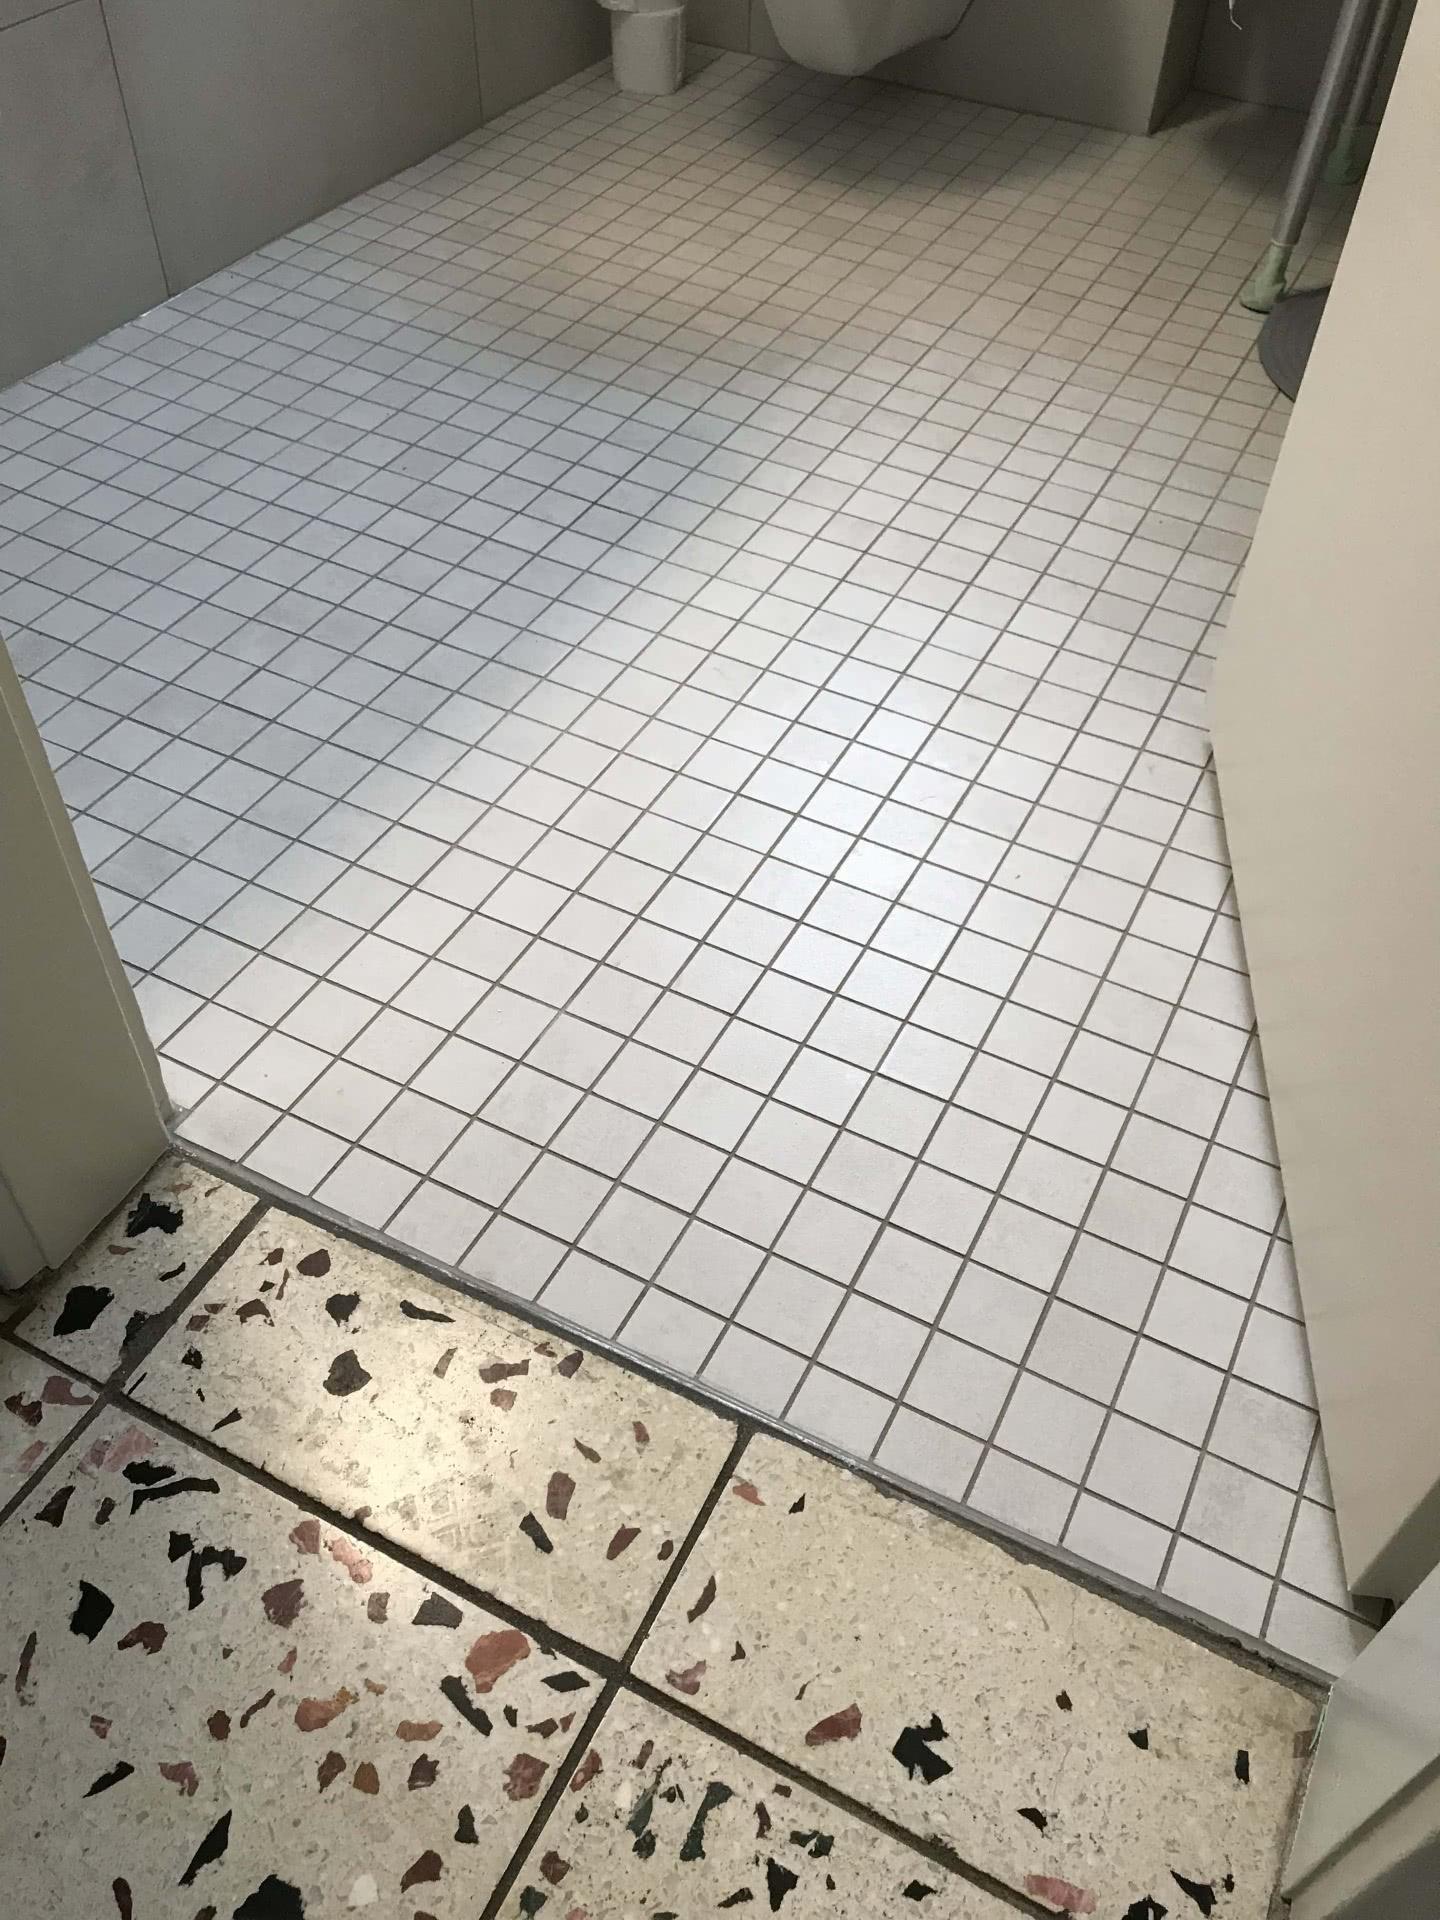 Mona Badezimmer Bodenbelag Barrierefrei Einrichten Wohnung  Anpassen Schweiz Min